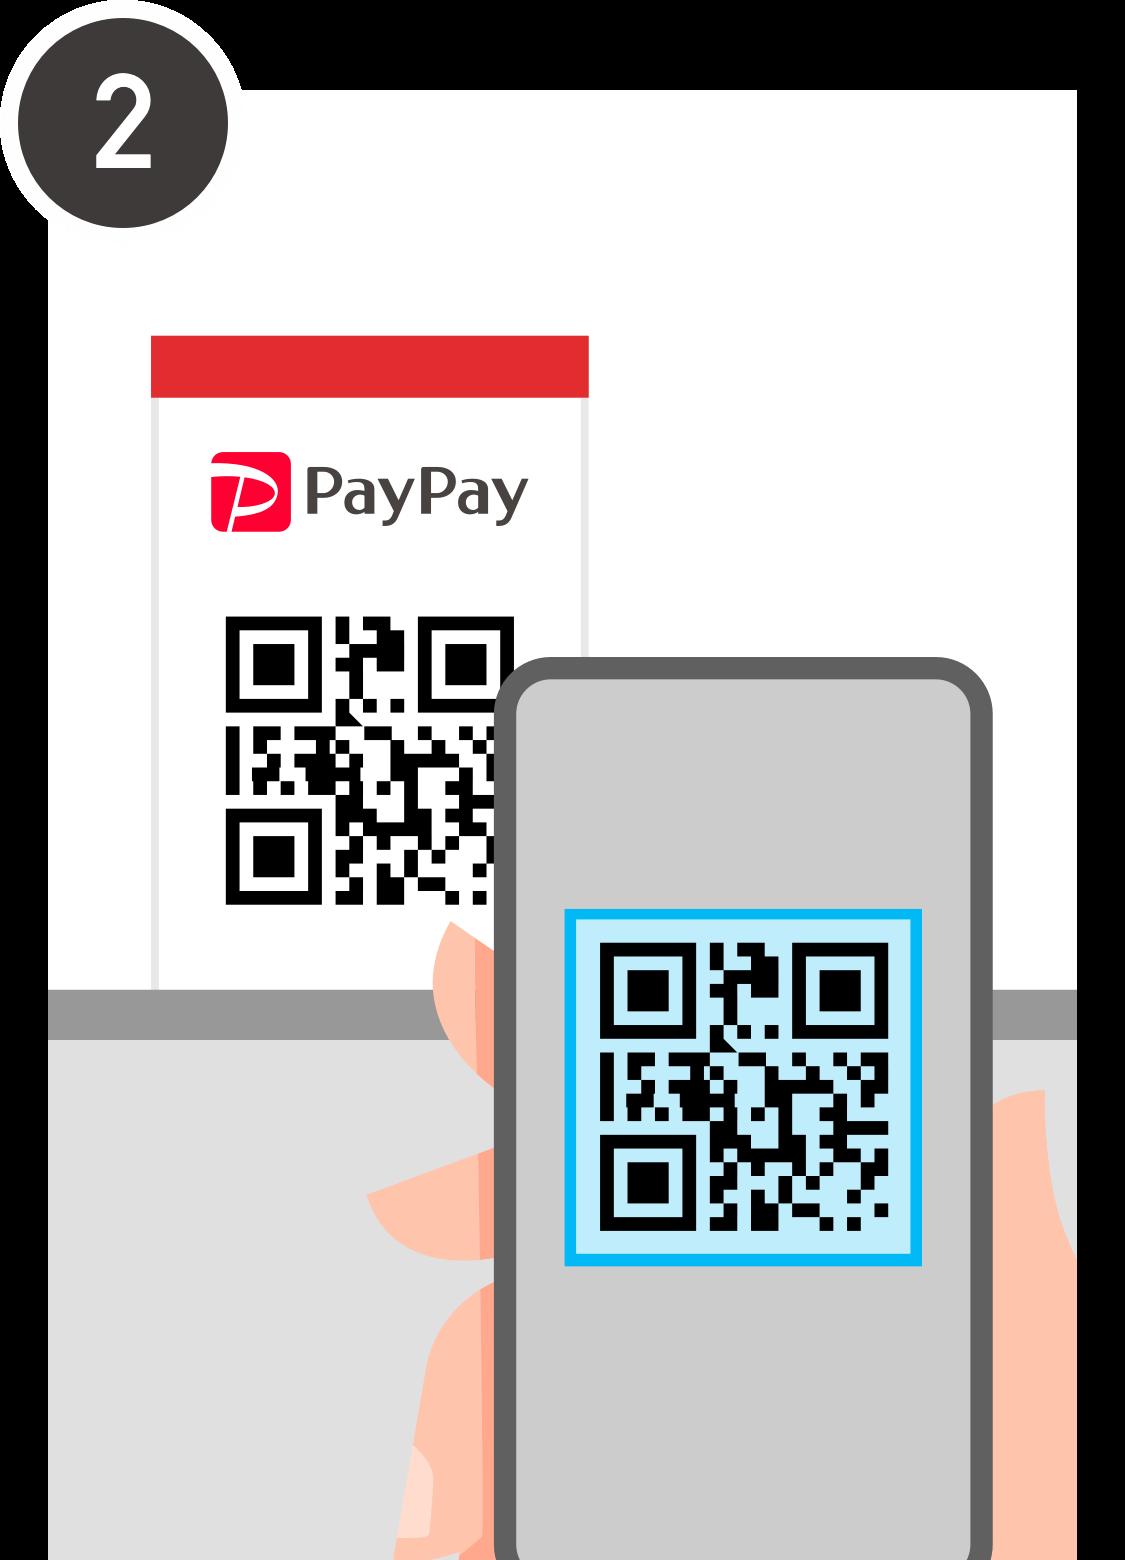 paypay バー コード